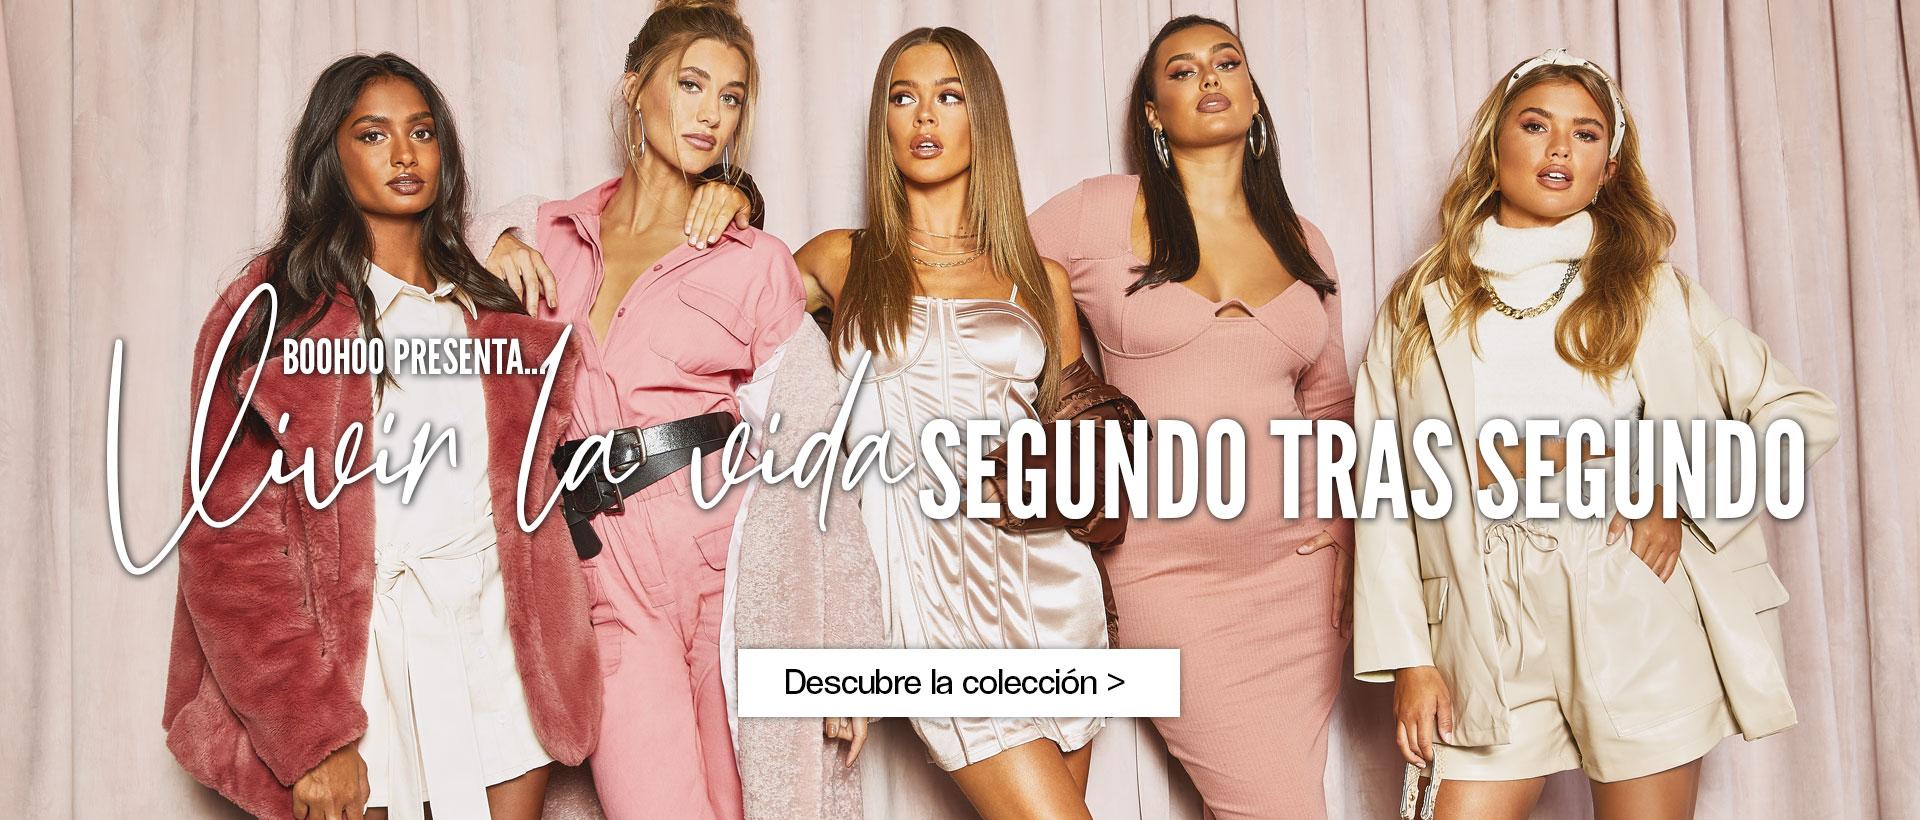 Ropa | Ropa y moda para mujer y hombre Compra online boohoo